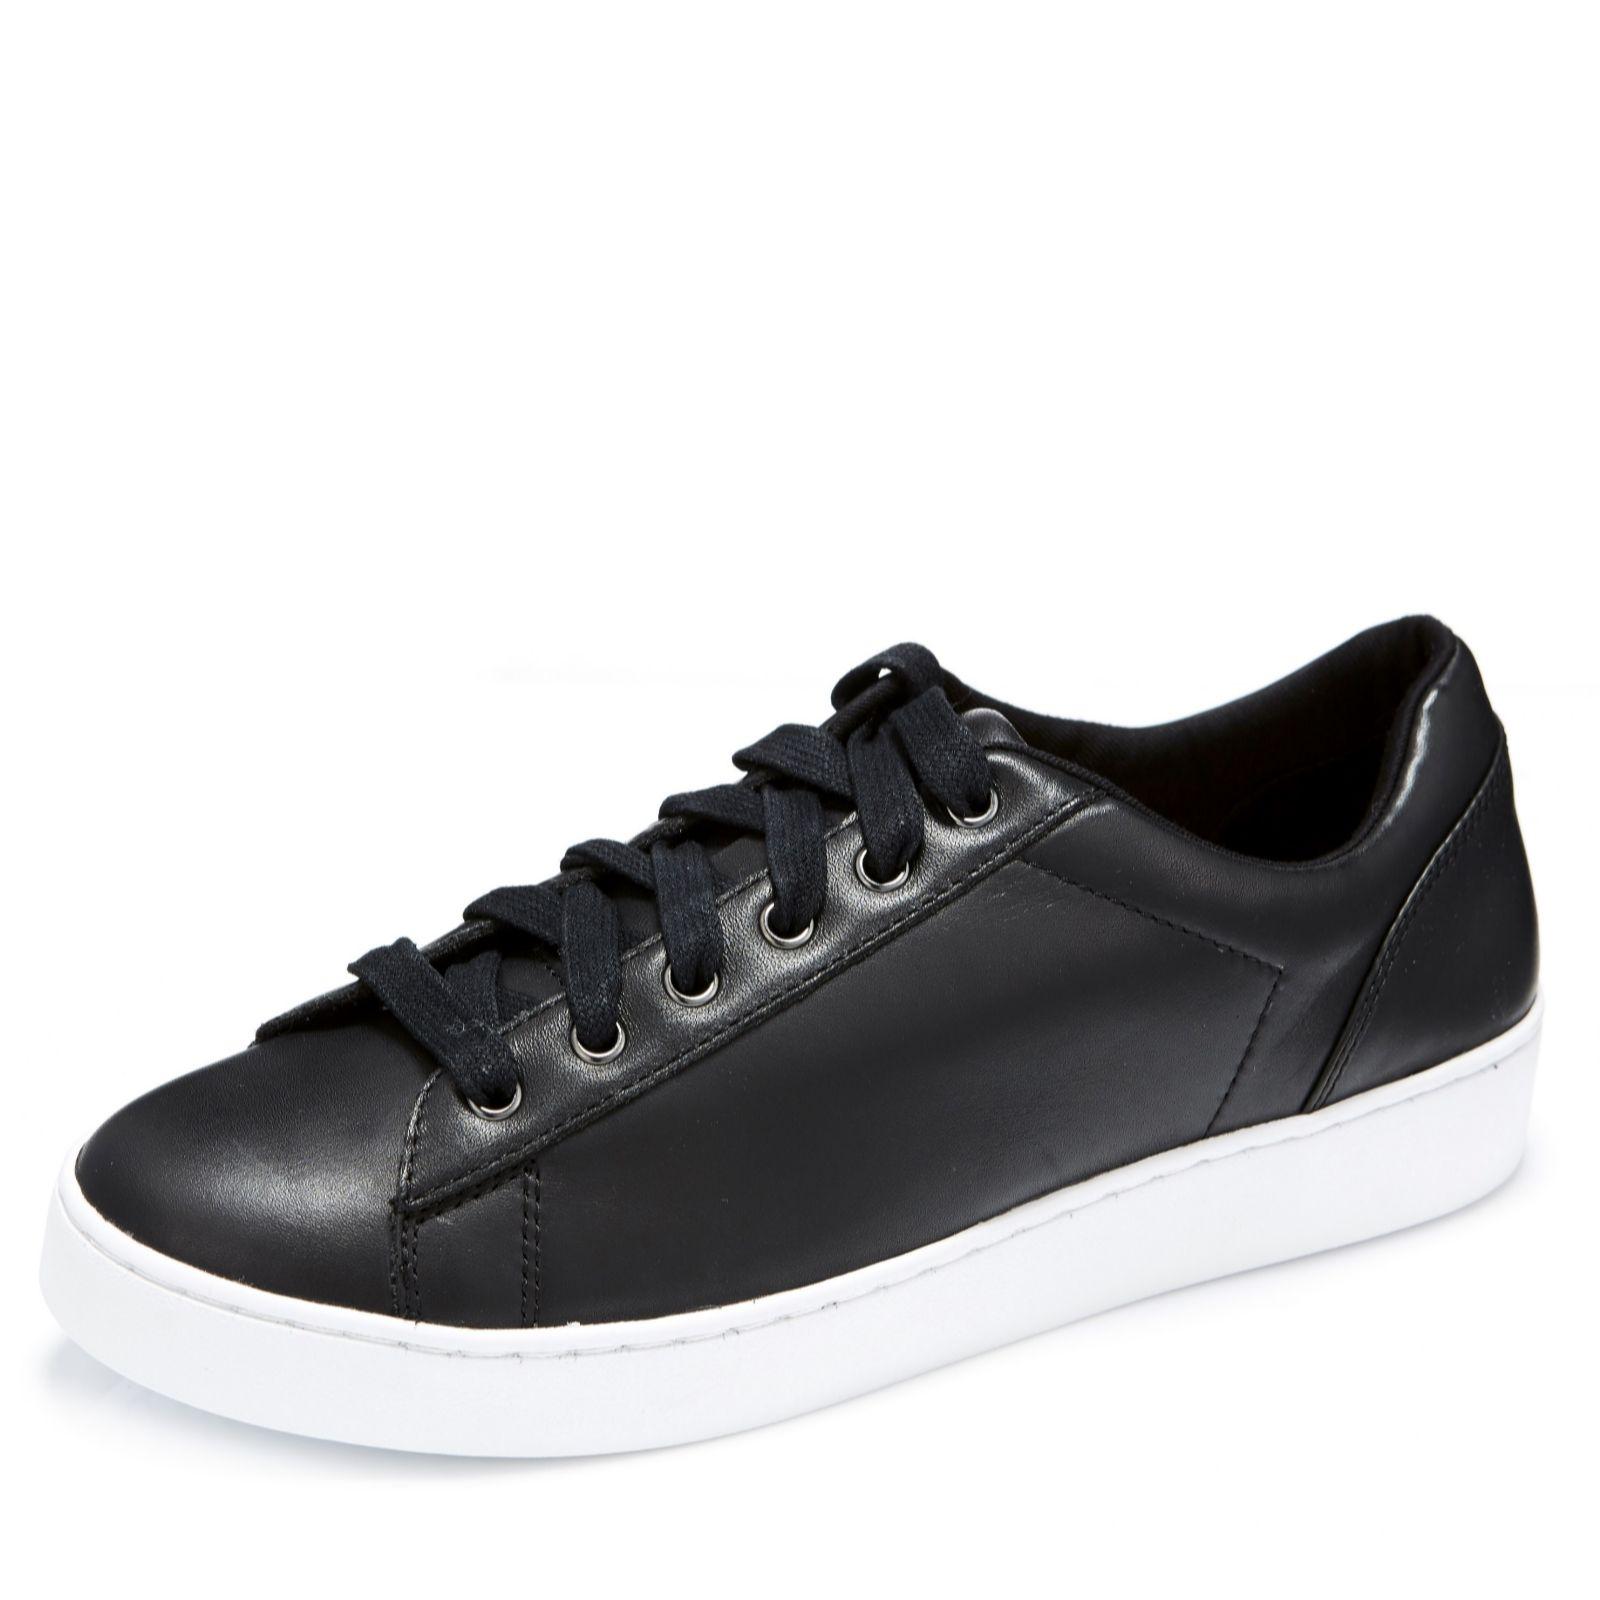 Discount 159797 Nike Air Max Ltd Men White Black Blue Shoes